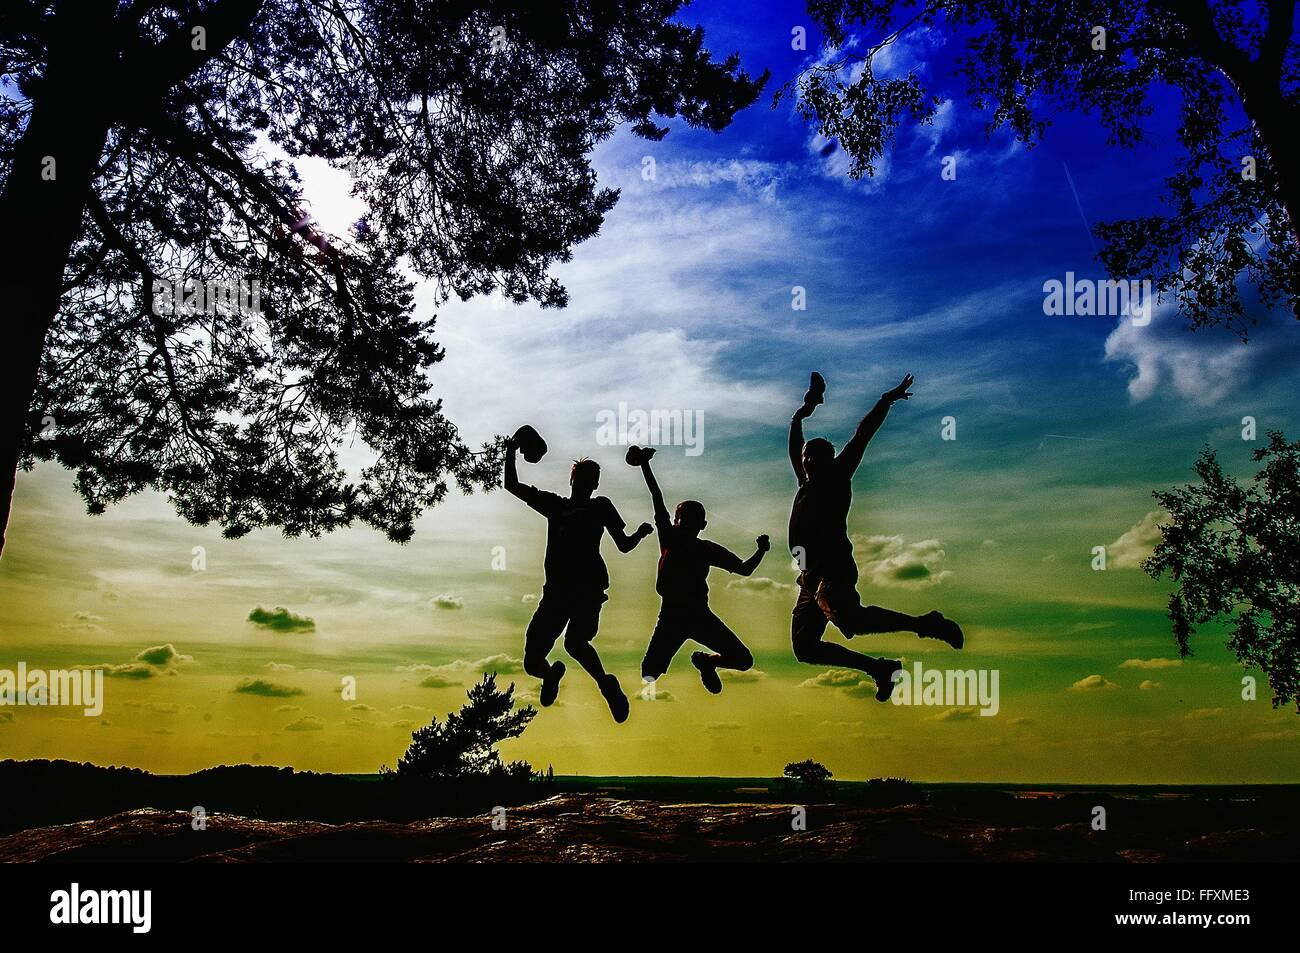 Les gens Silhouette sautant sur Paysage Photo Stock